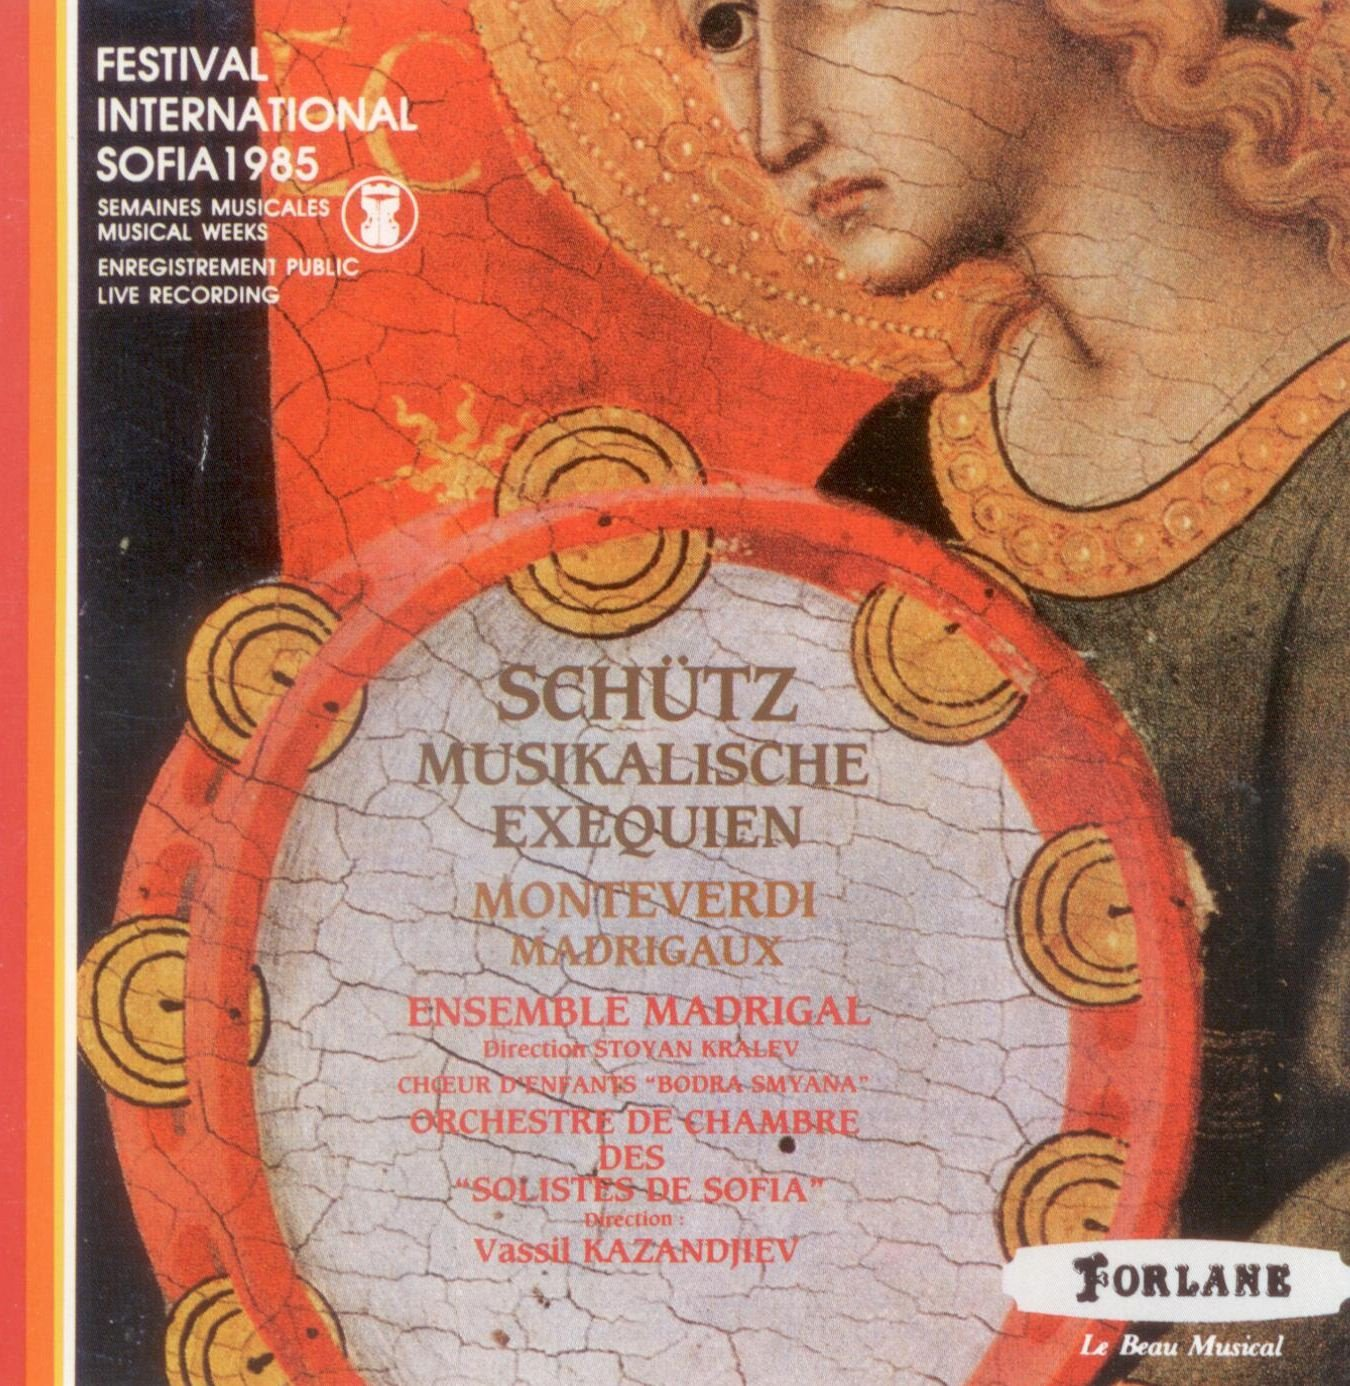 Schütz: Musikalische Exequien / Monteverdi: Madrigals - Live from Sofia International Festival, 1985 by Forlane